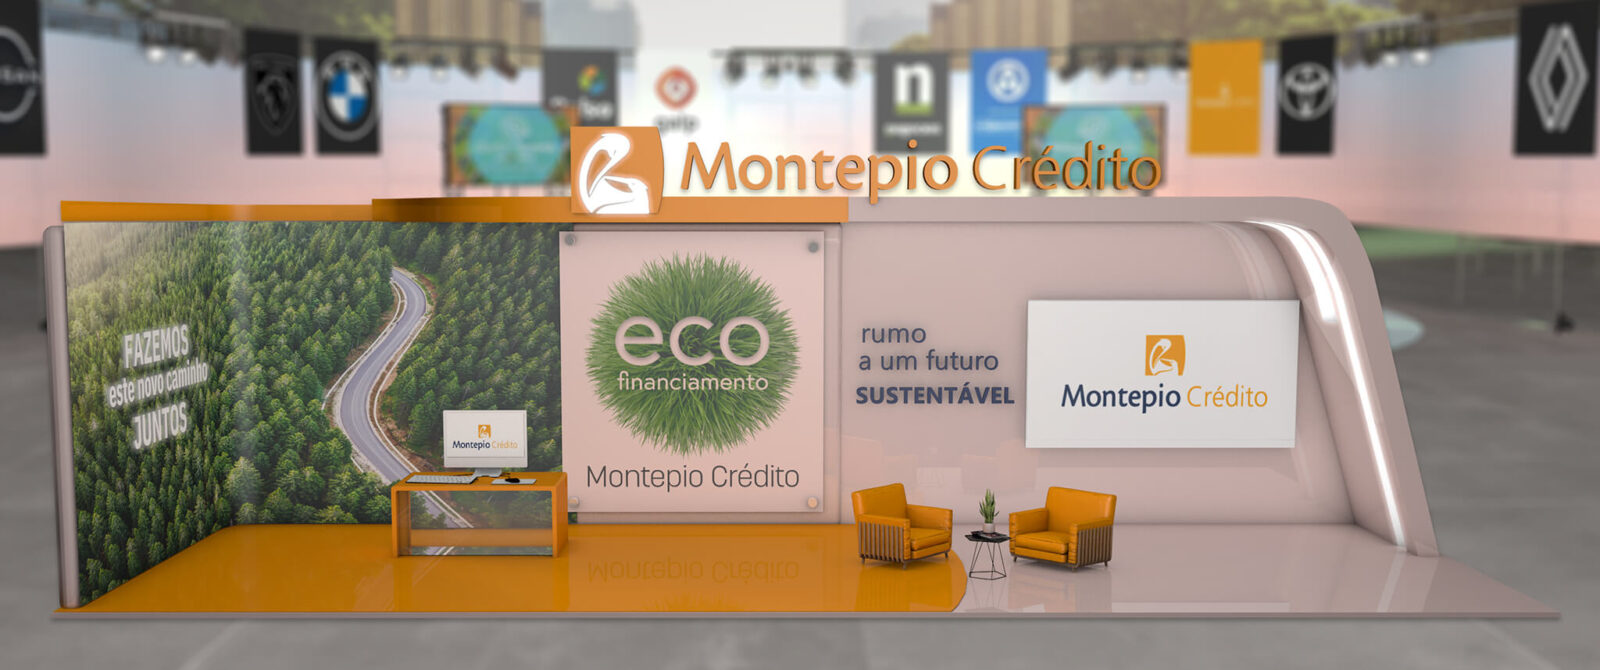 Montepio Crédito